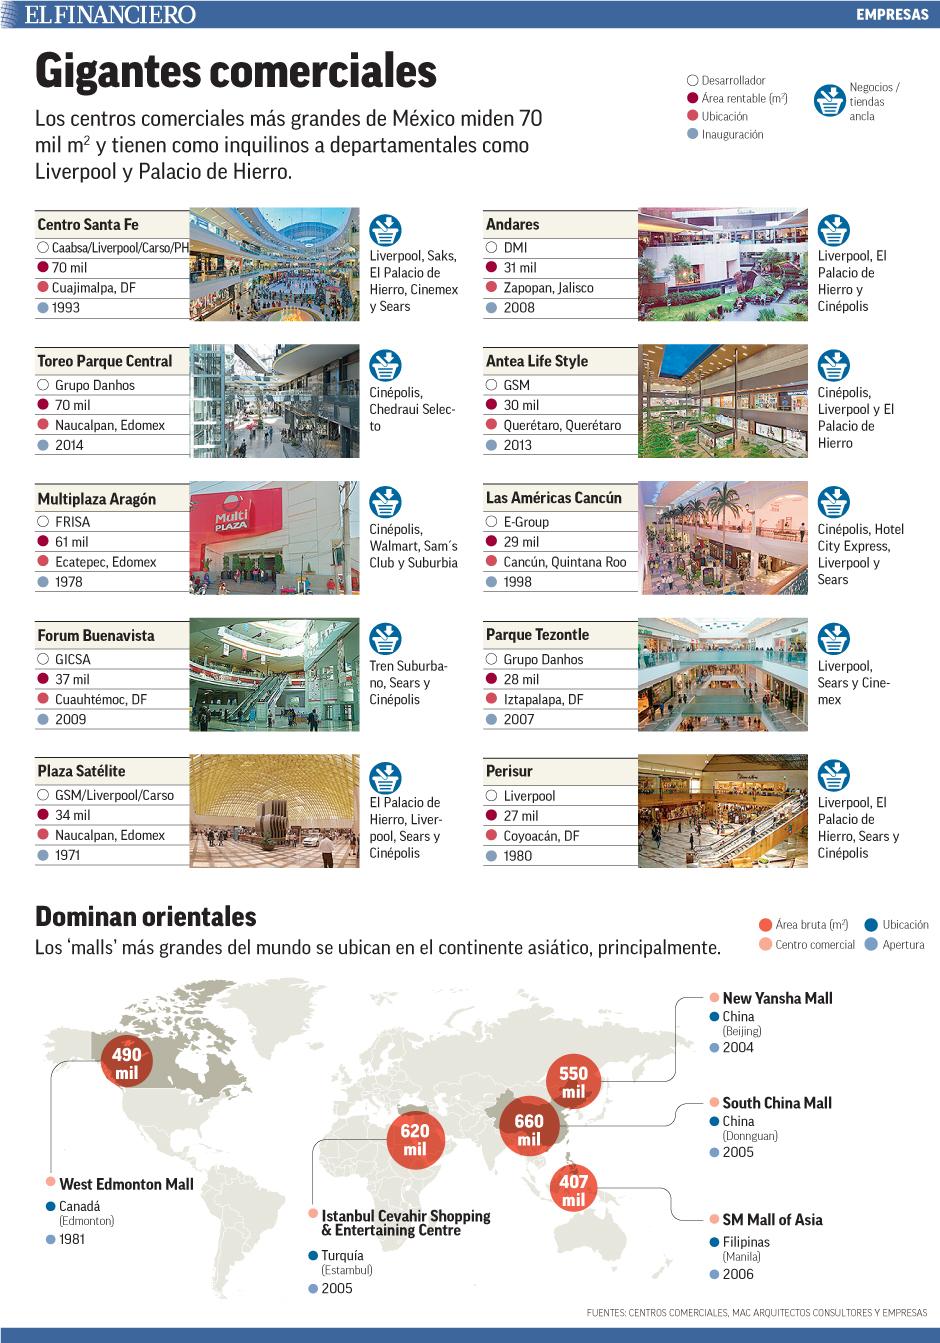 Los centros comerciales más grandes de México miden 70 mil m2 y tienen como inquilinos a departamentales como Liverpool y Palacio de Hierro.